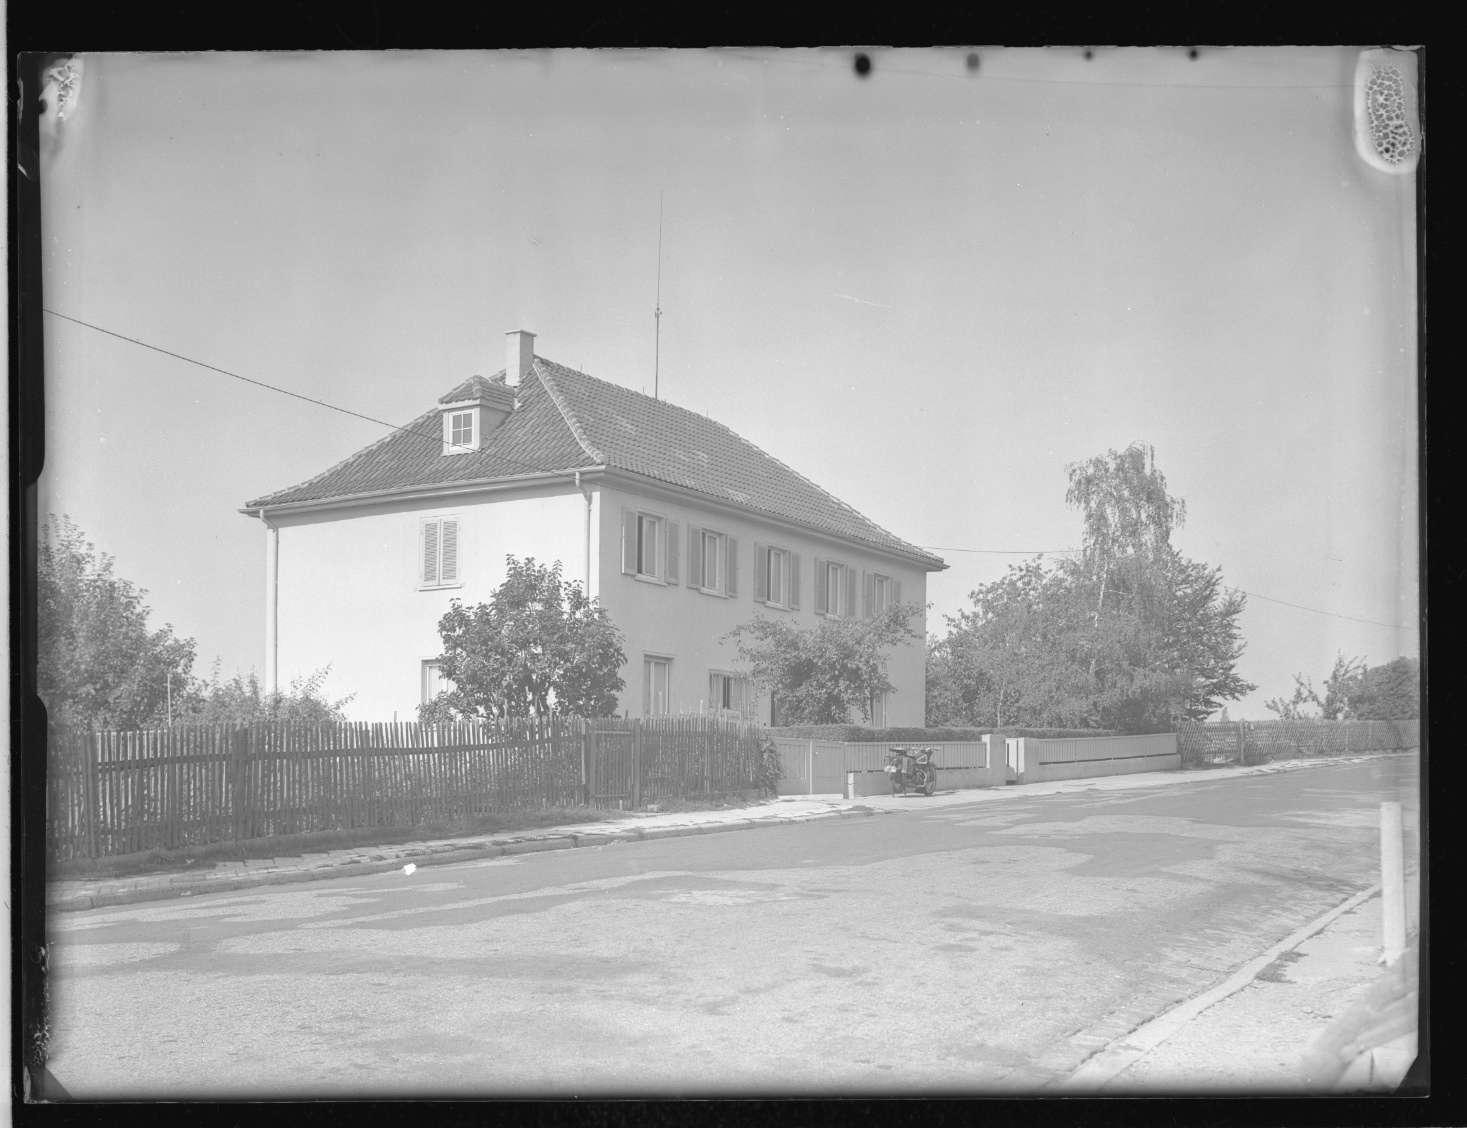 Stuttgart-Nord, Parlerstraße 17 (Wohngebäude), Bild 1